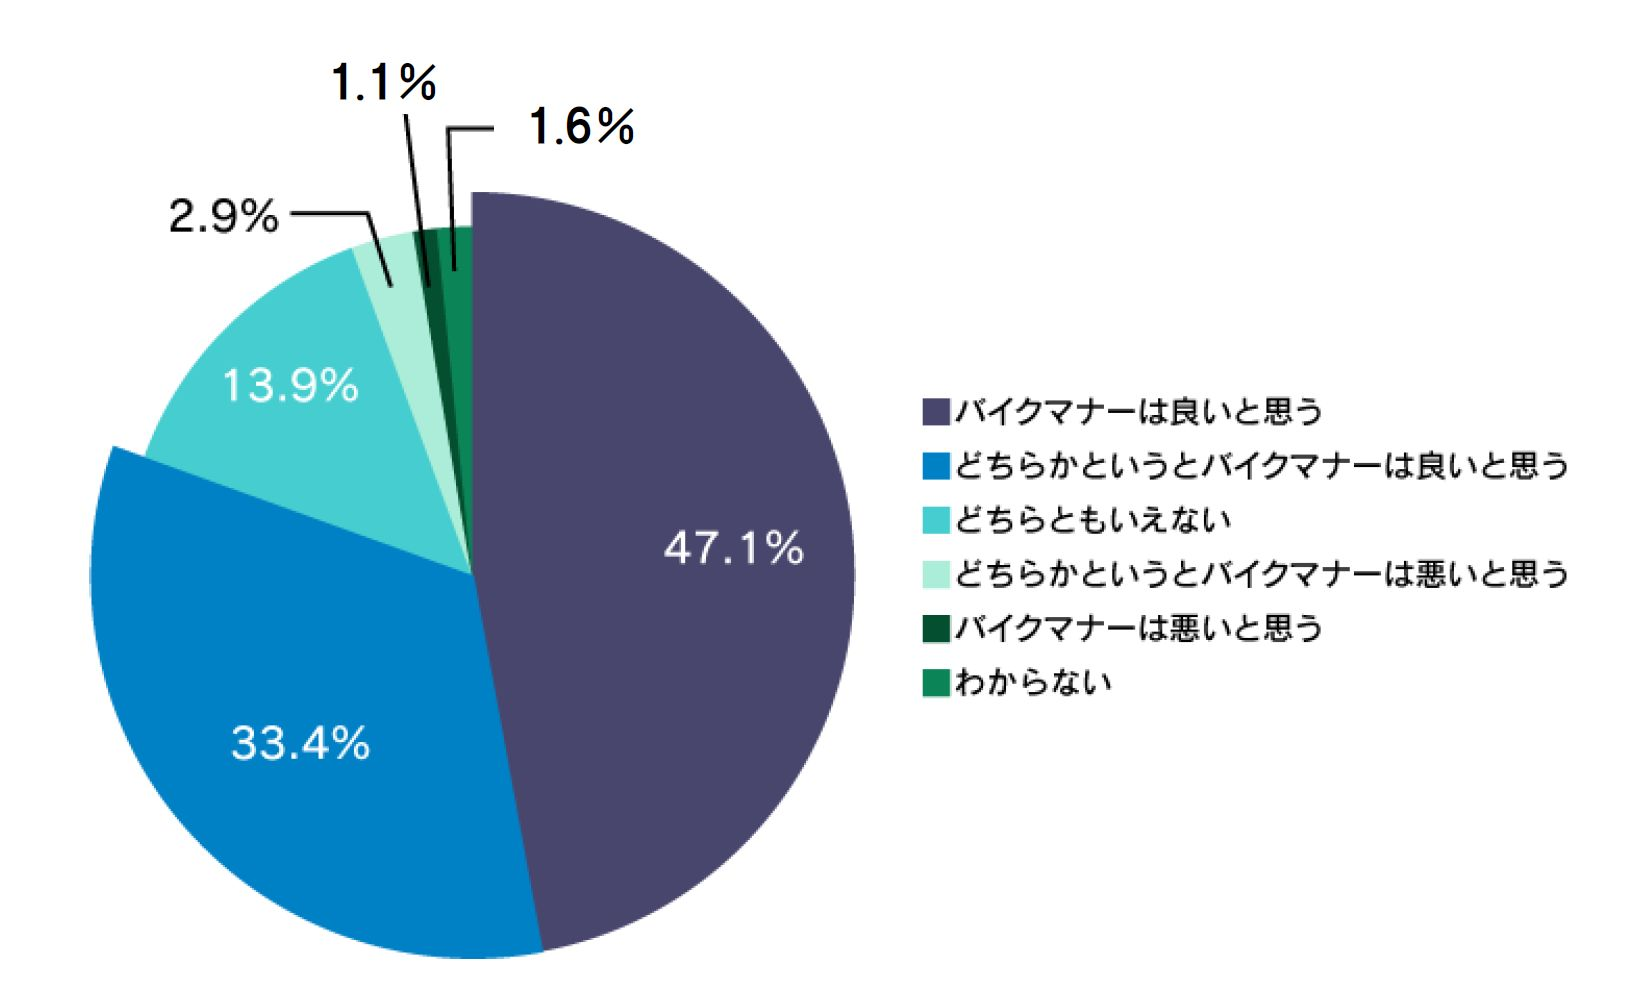 シニアライダーの8割以上がバイクマナーに自信アリ!! 「シニアライダーに関する実態調査2019」 免許返納について考える、シニアライダーの約9割は免許返納の予定なし バイクと語る!シニアライダーの2人に1人が愛車に話しかけている